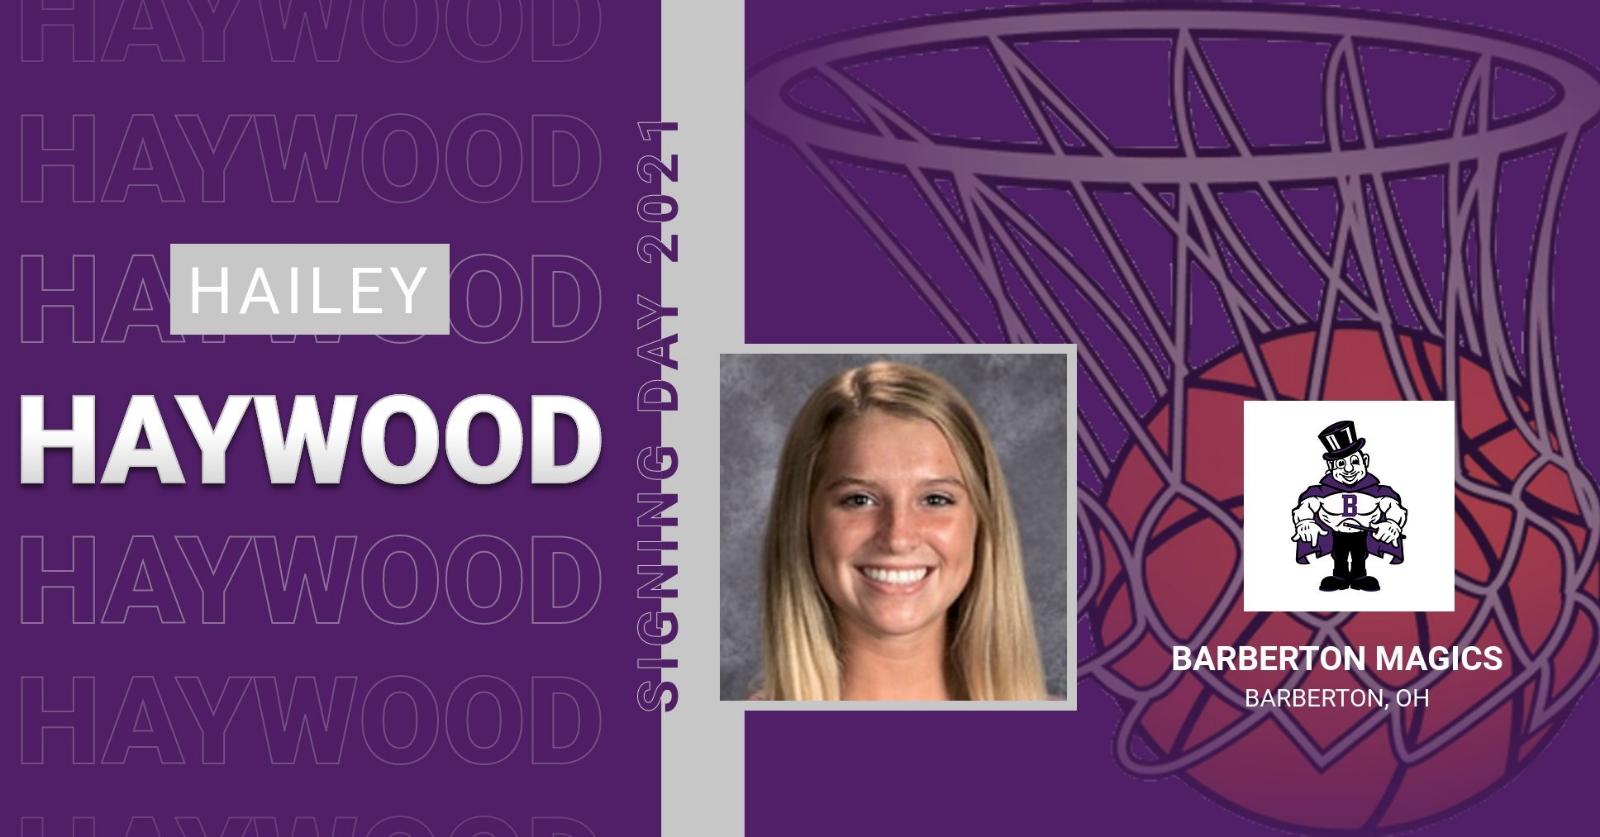 Hailey Haywood Signing